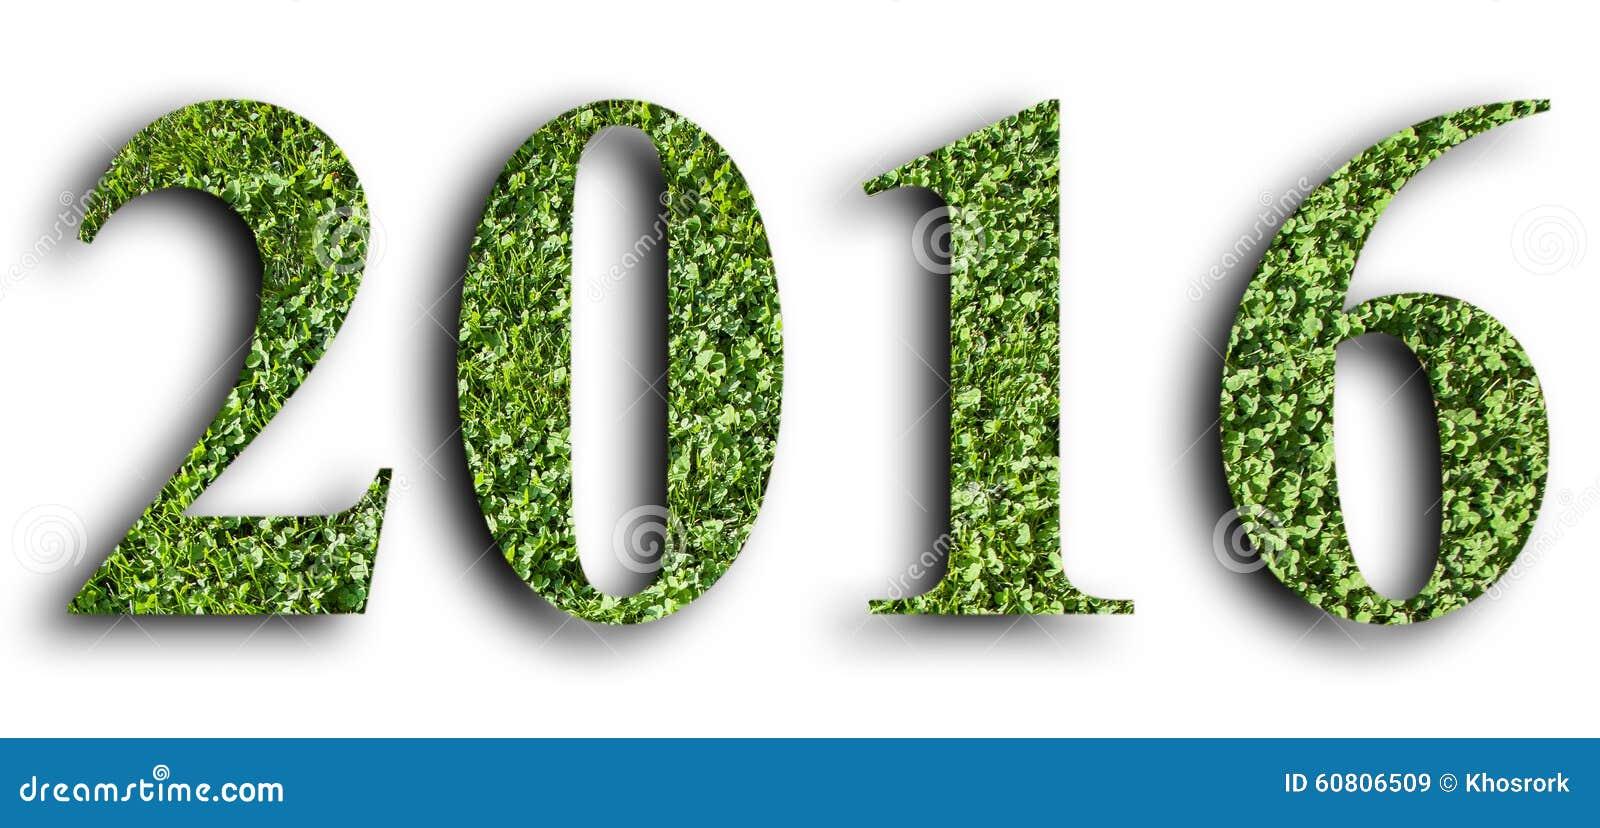 2016, Nieuw die jaar van het groene die gras wordt gemaakt, op witte achtergrond wordt geïsoleerd